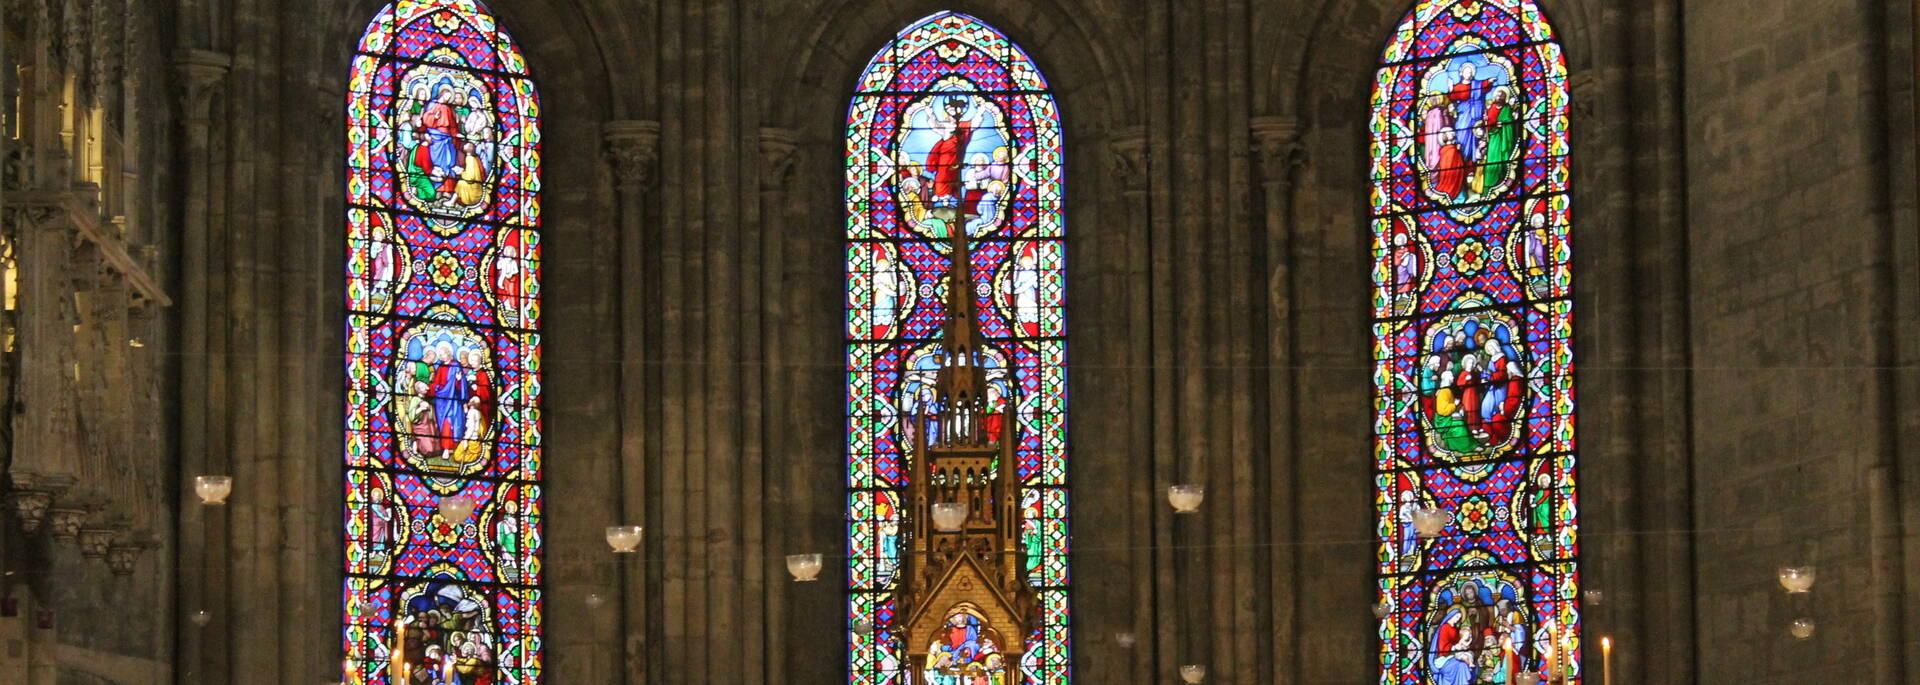 Cathédrale Saint-Vincent, messe Paulee - © Office de Tourisme